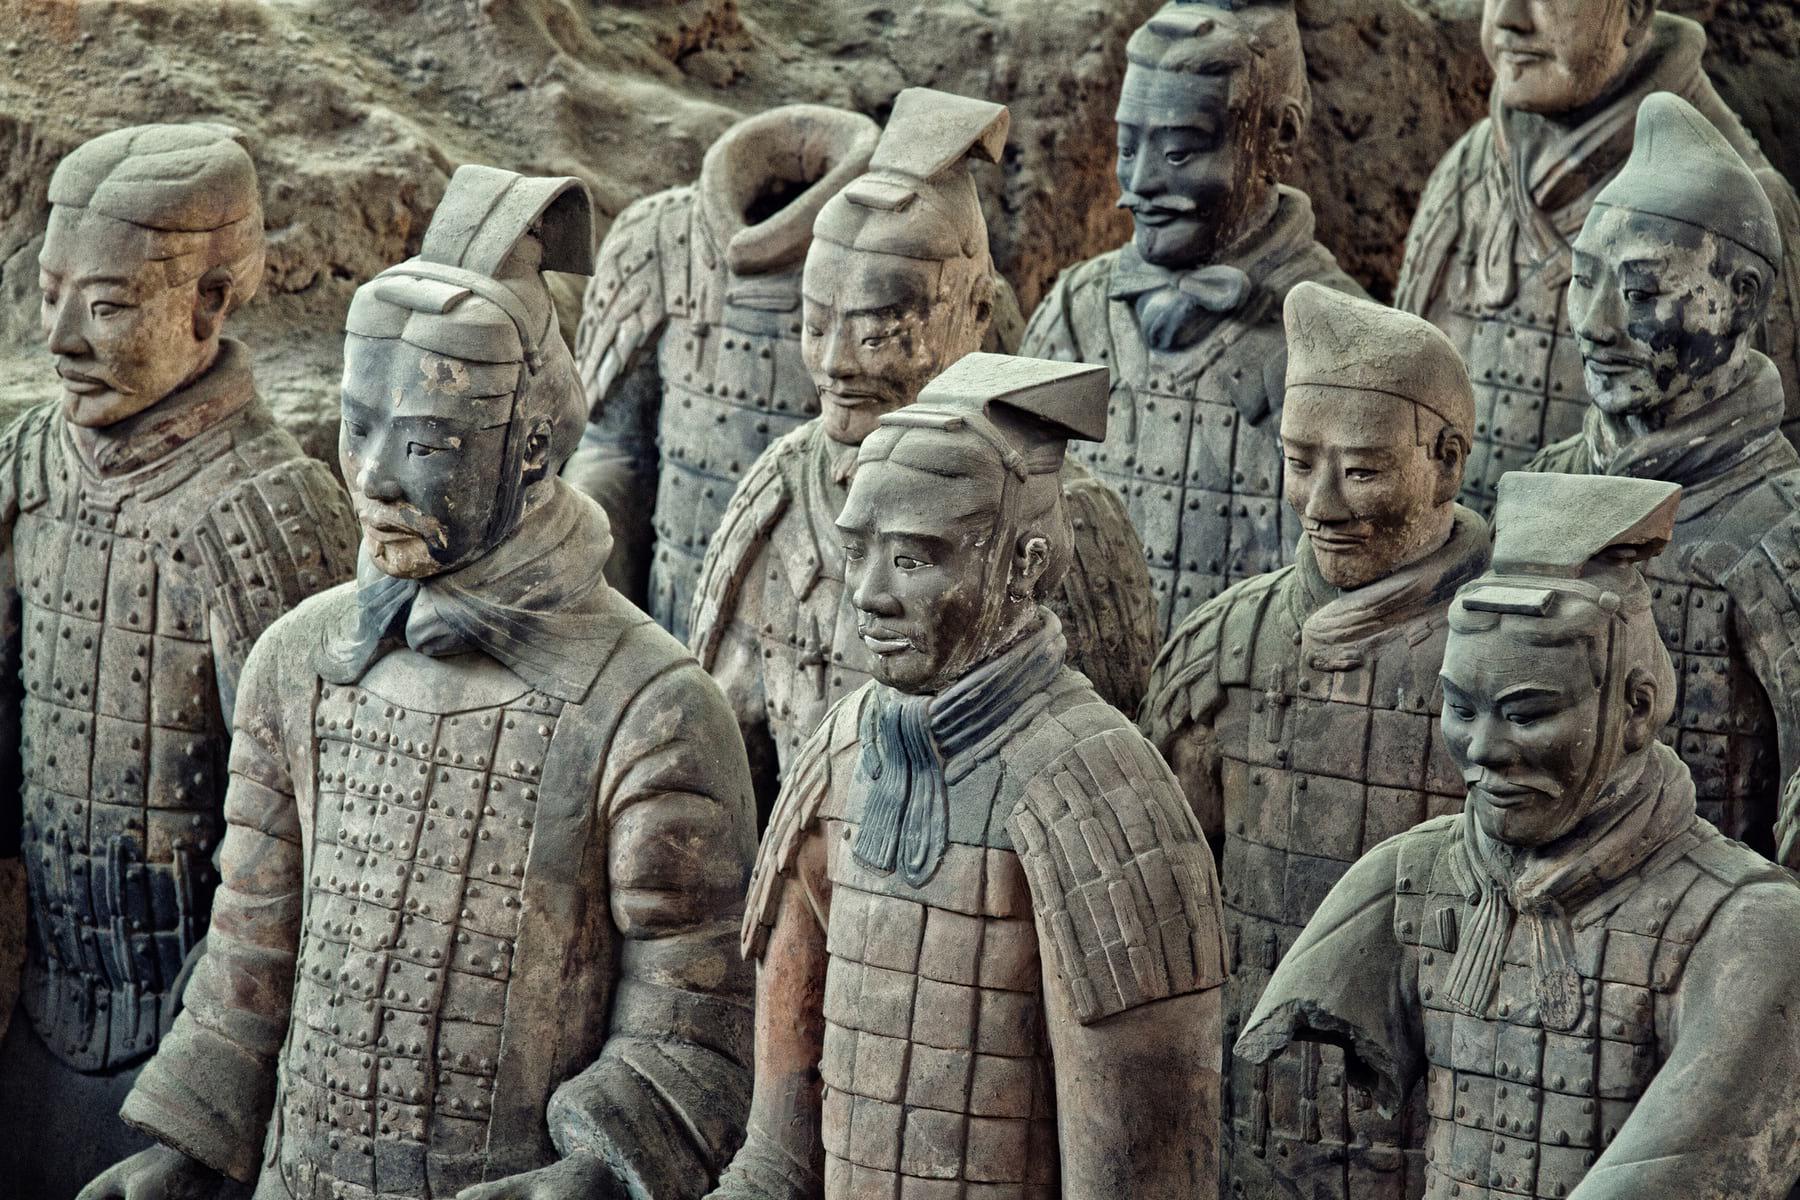 Терракотовая армия императора Цинь Шихуанди: где находится